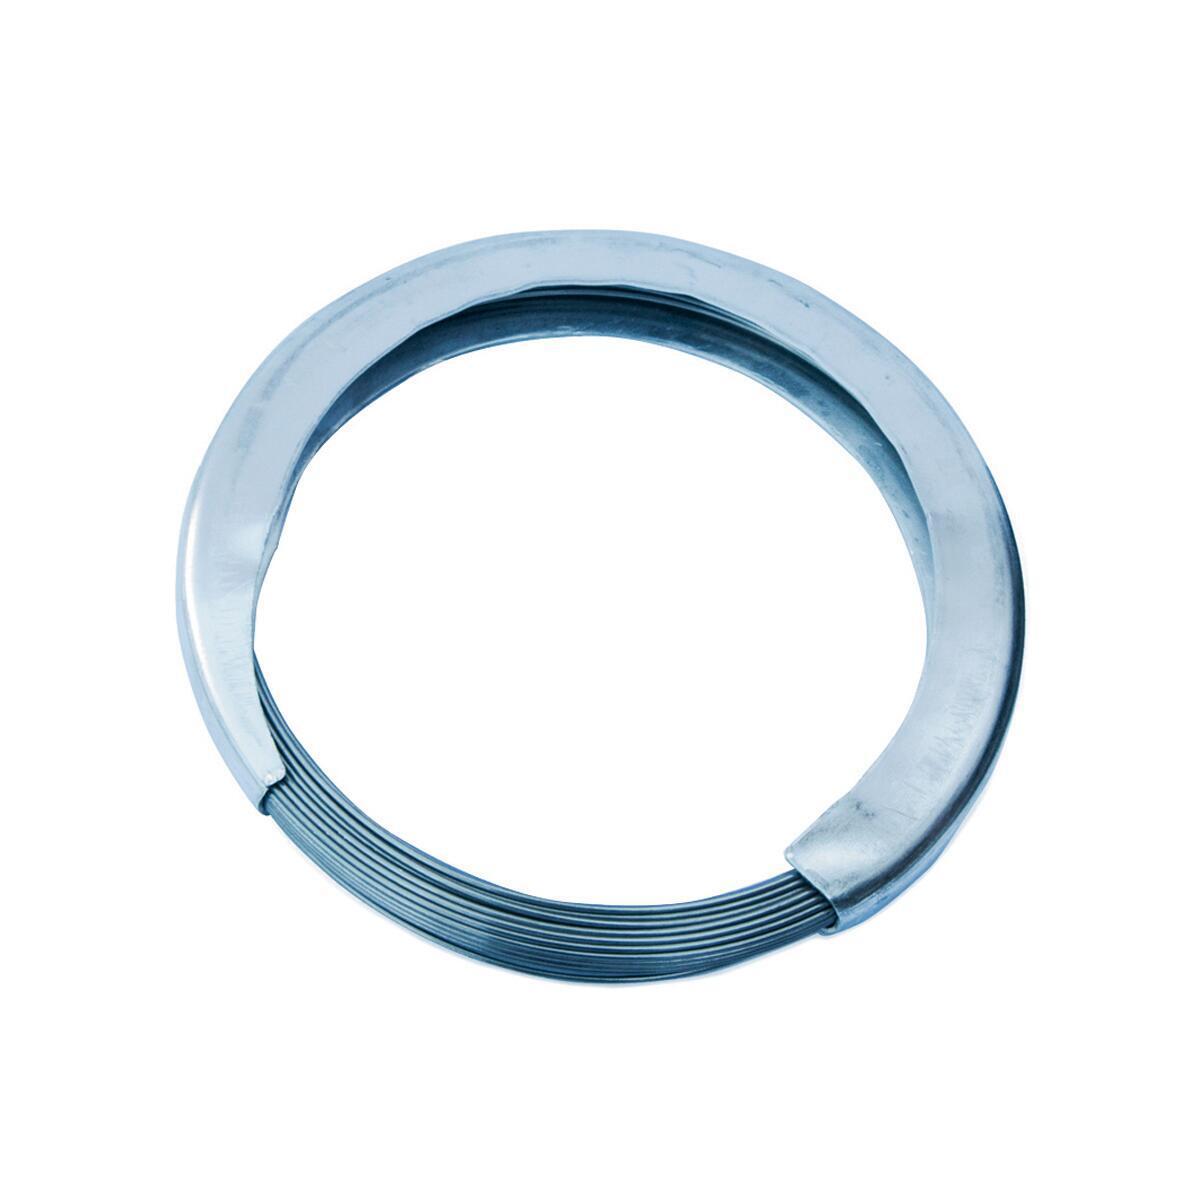 Filo in acciaio Ø 1 mm x L 12 m - 1